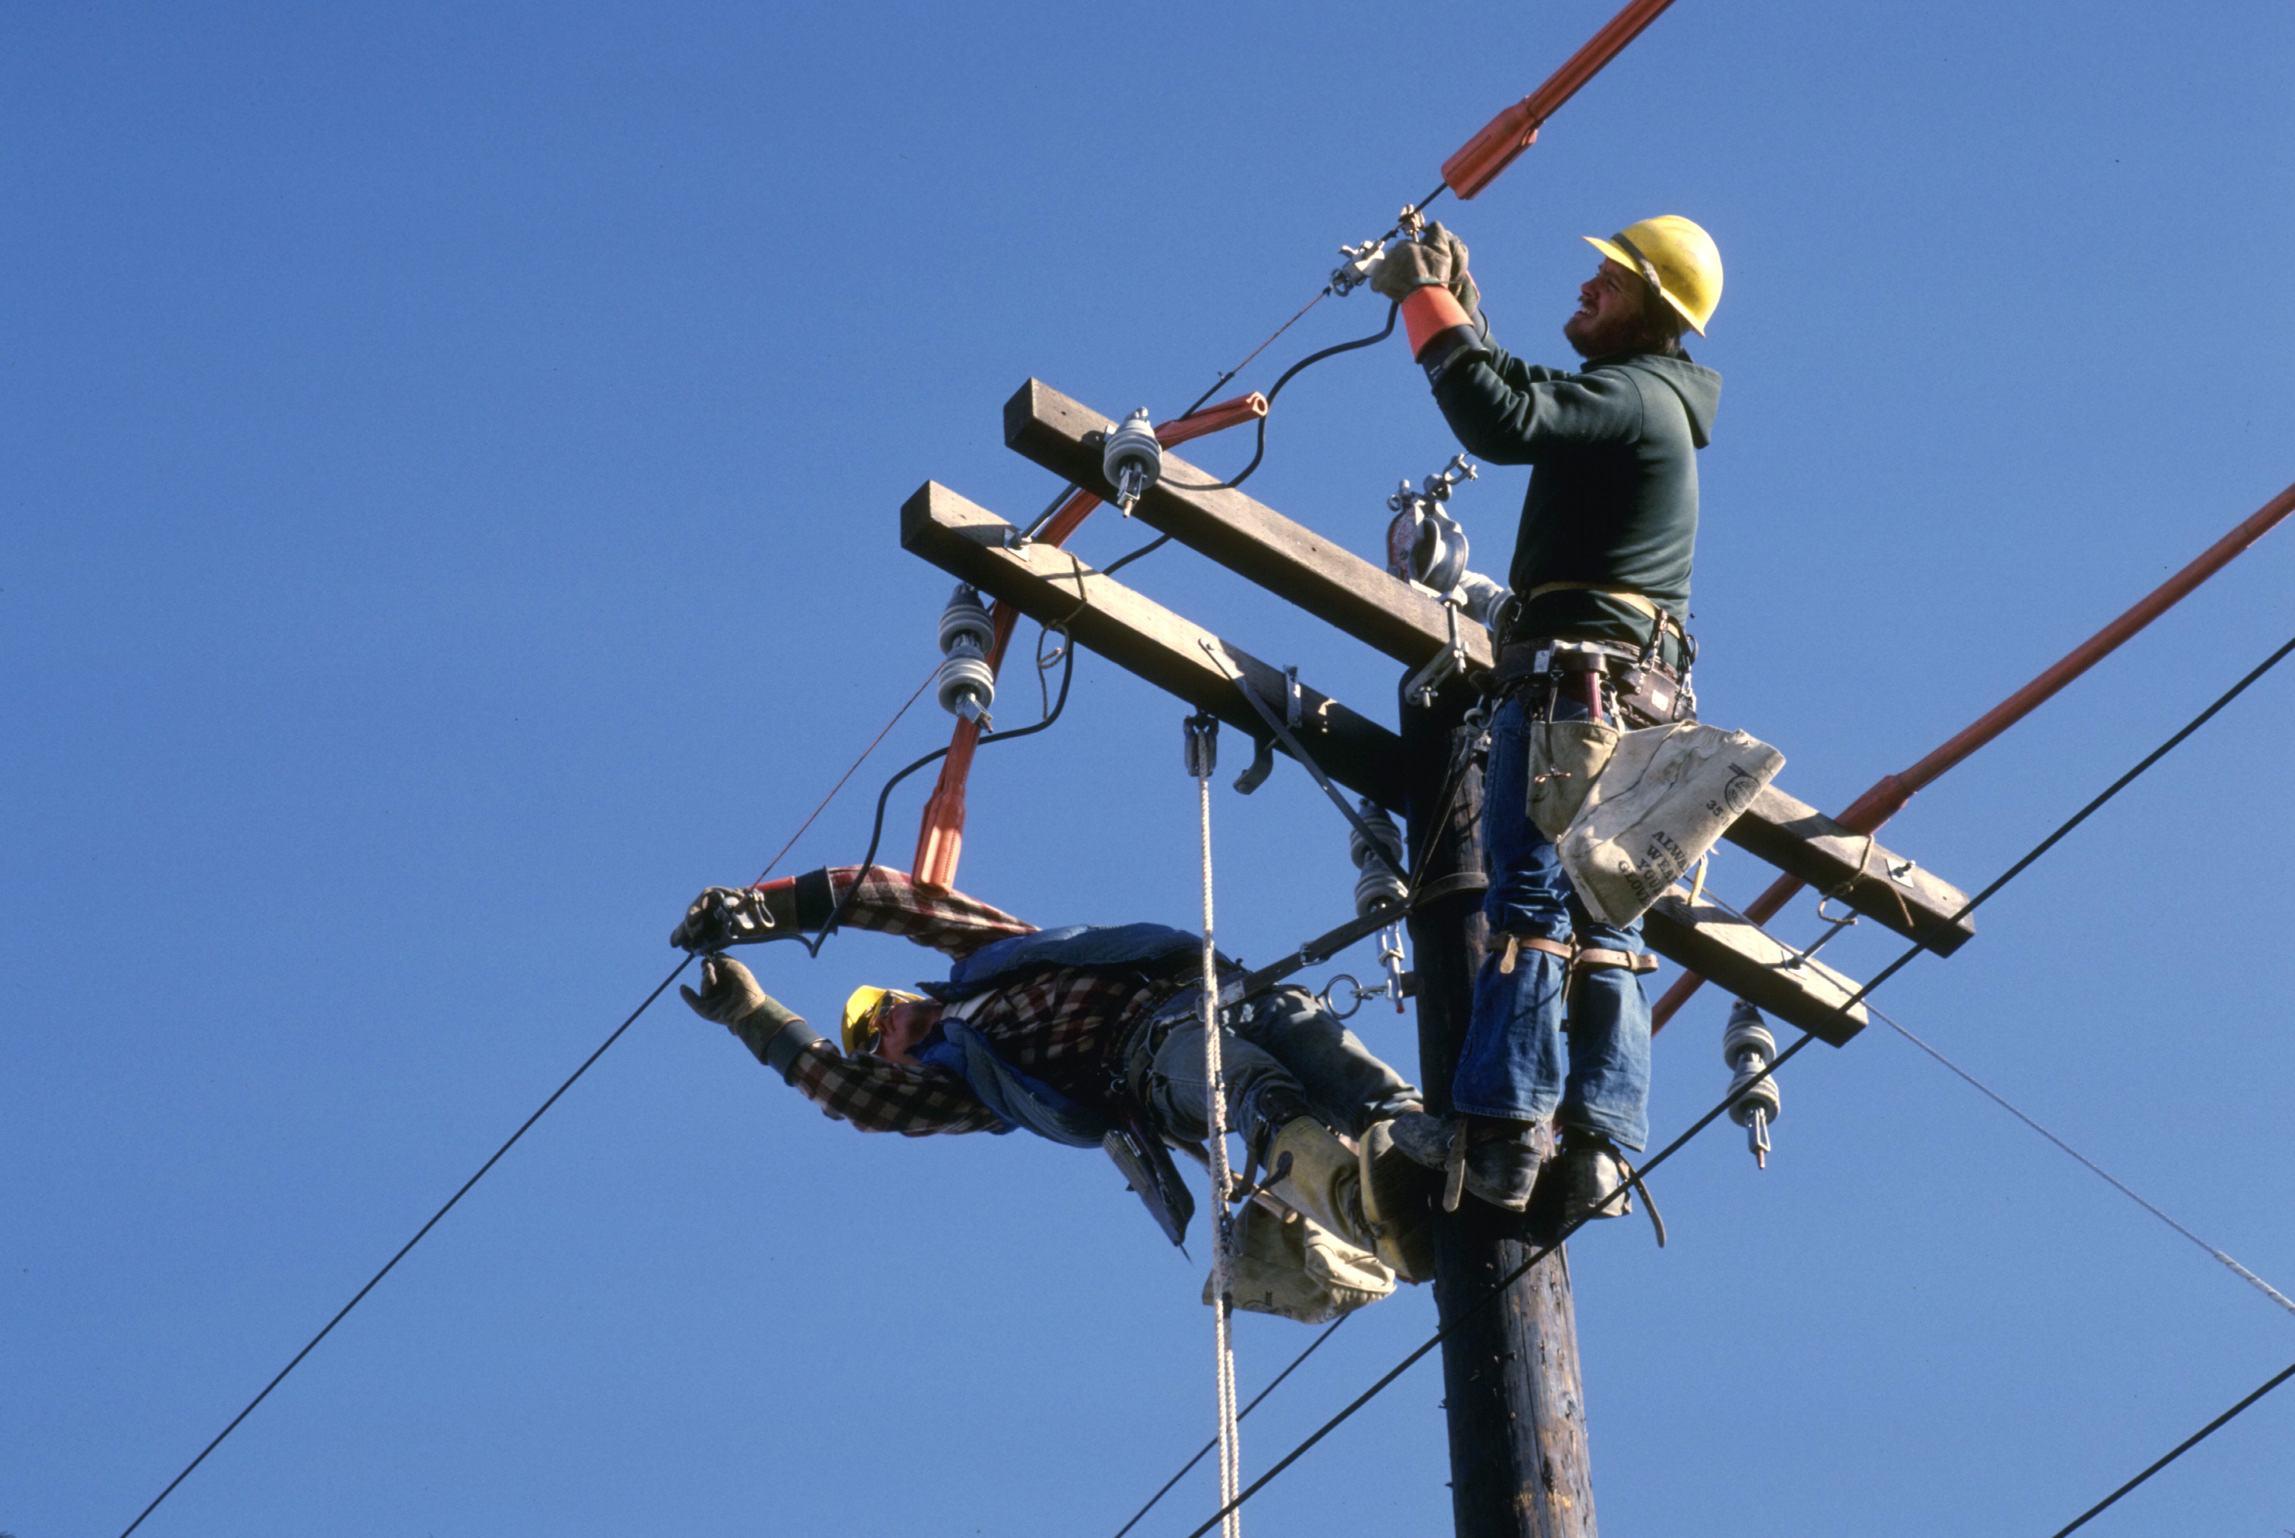 Картинки энергетиков электриков, дня веселые марта